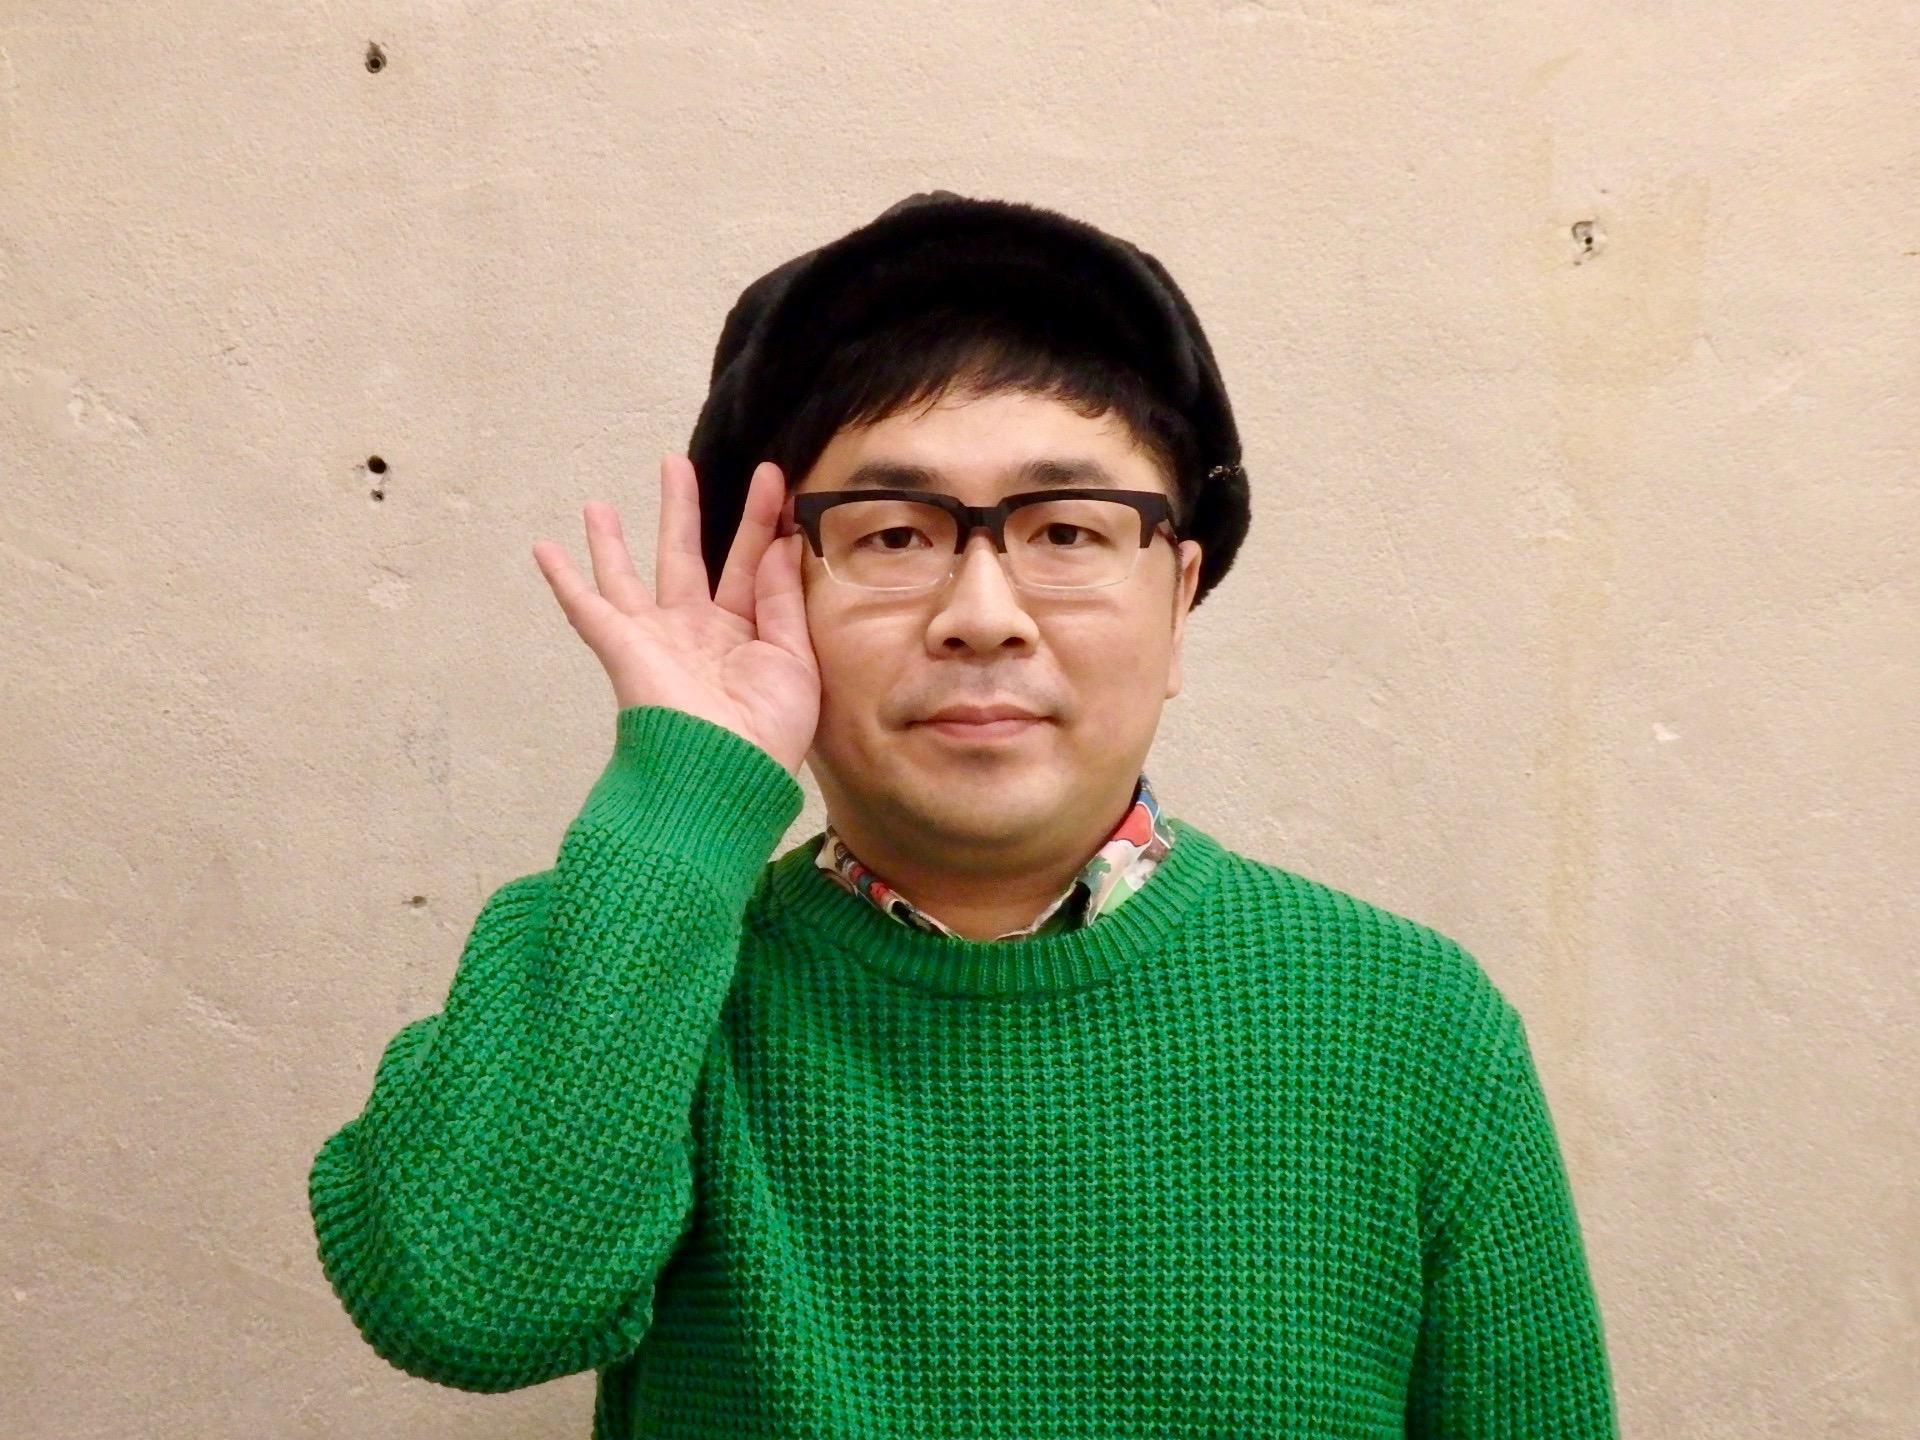 http://news.yoshimoto.co.jp/20190130162847-cadb0b3481b8528dcca63c4a92390b6411896ef1.jpeg